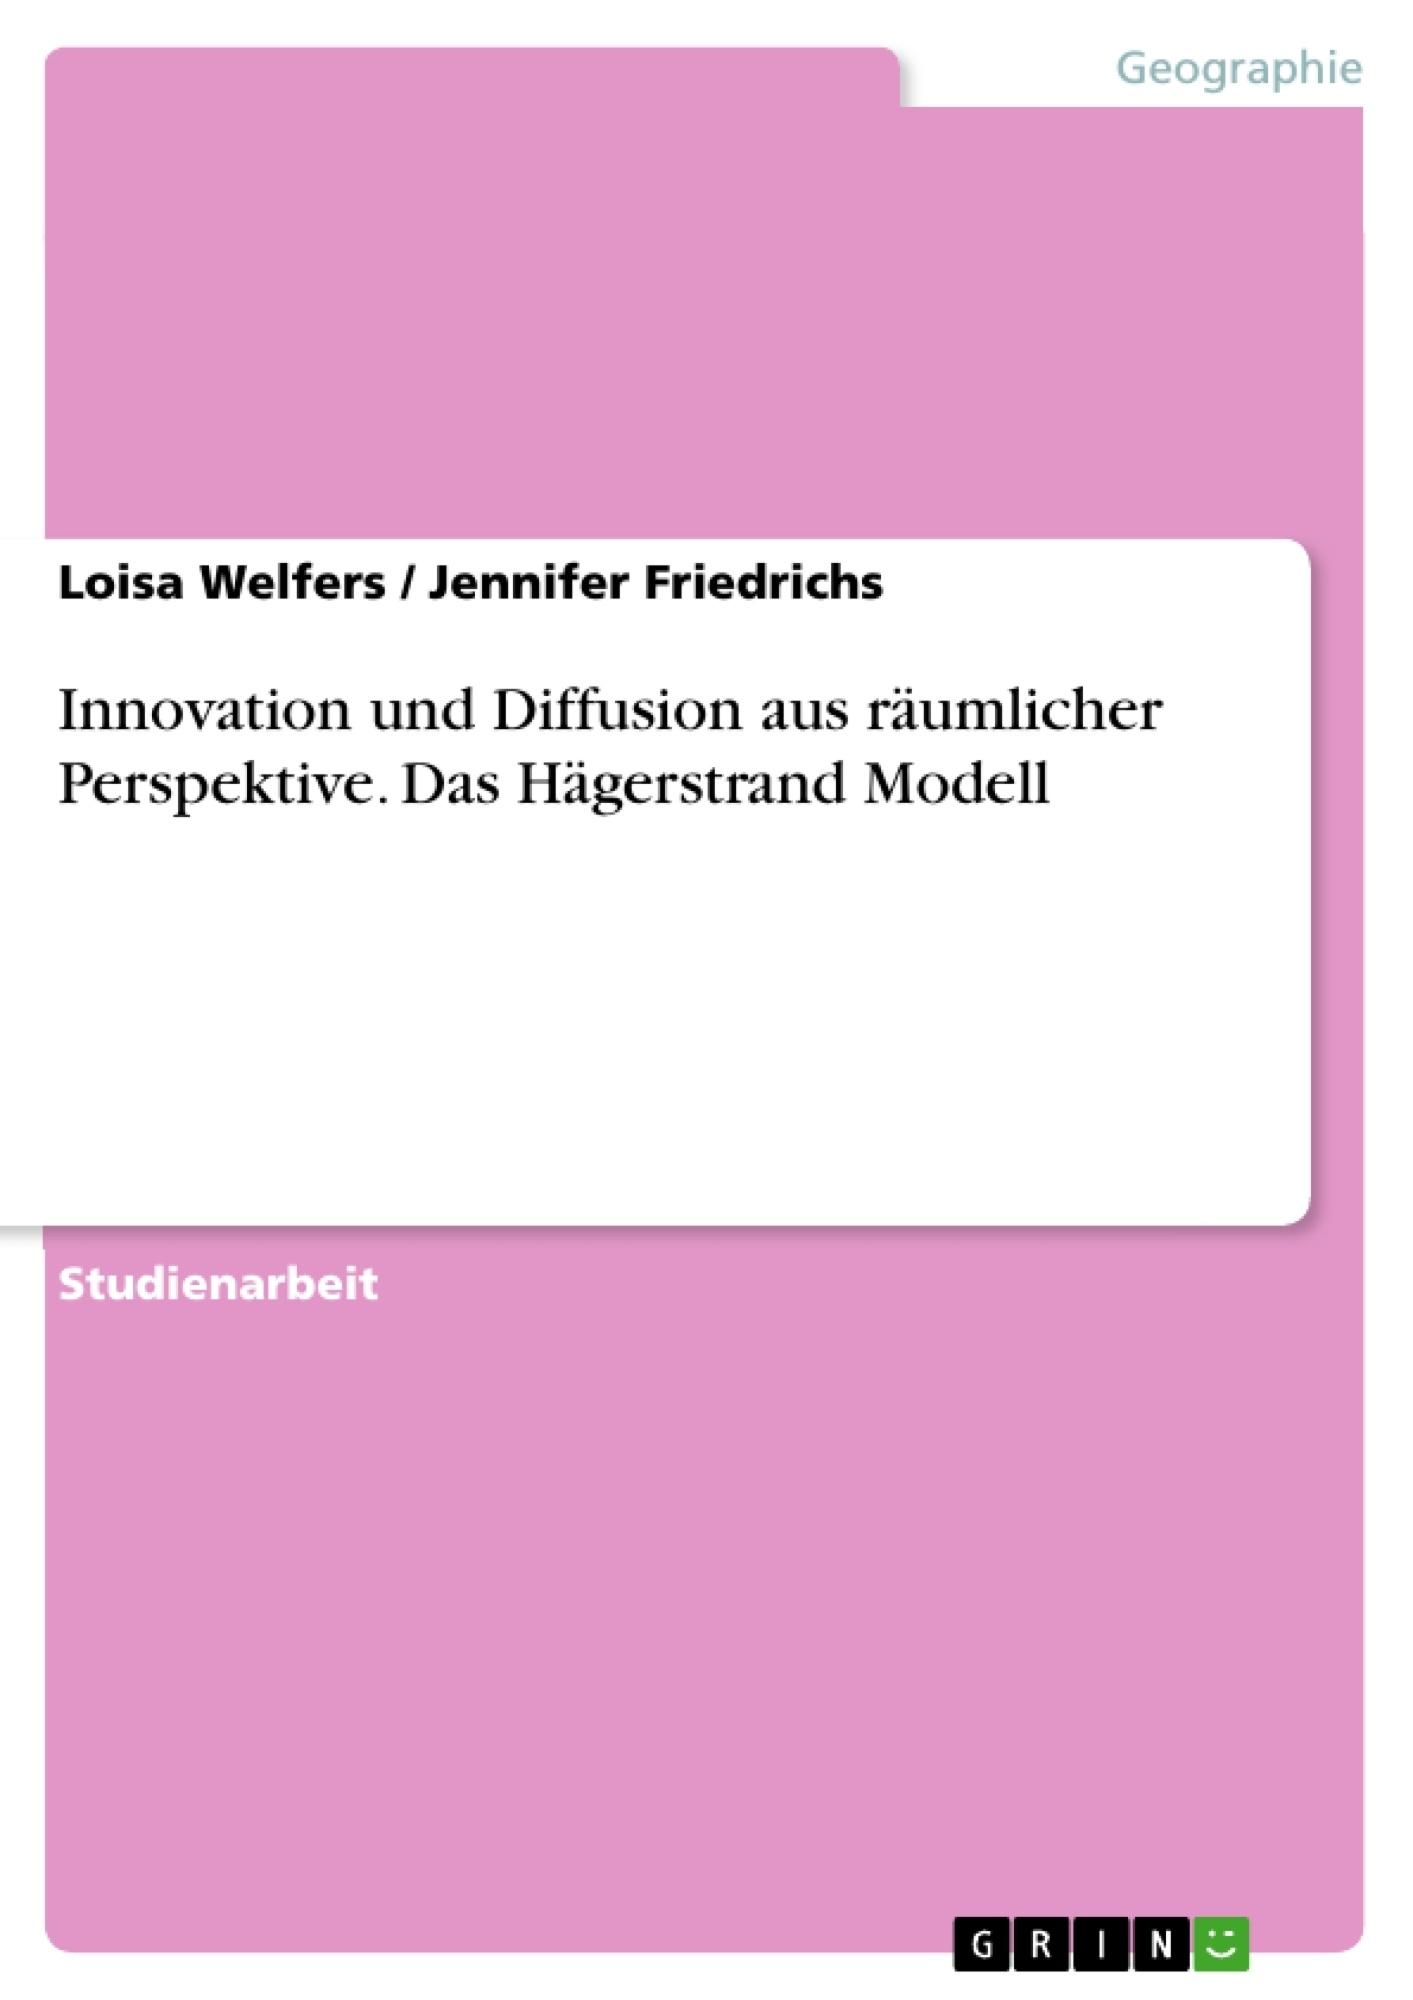 Titel: Innovation und Diffusion aus räumlicher Perspektive. Das Hägerstrand Modell